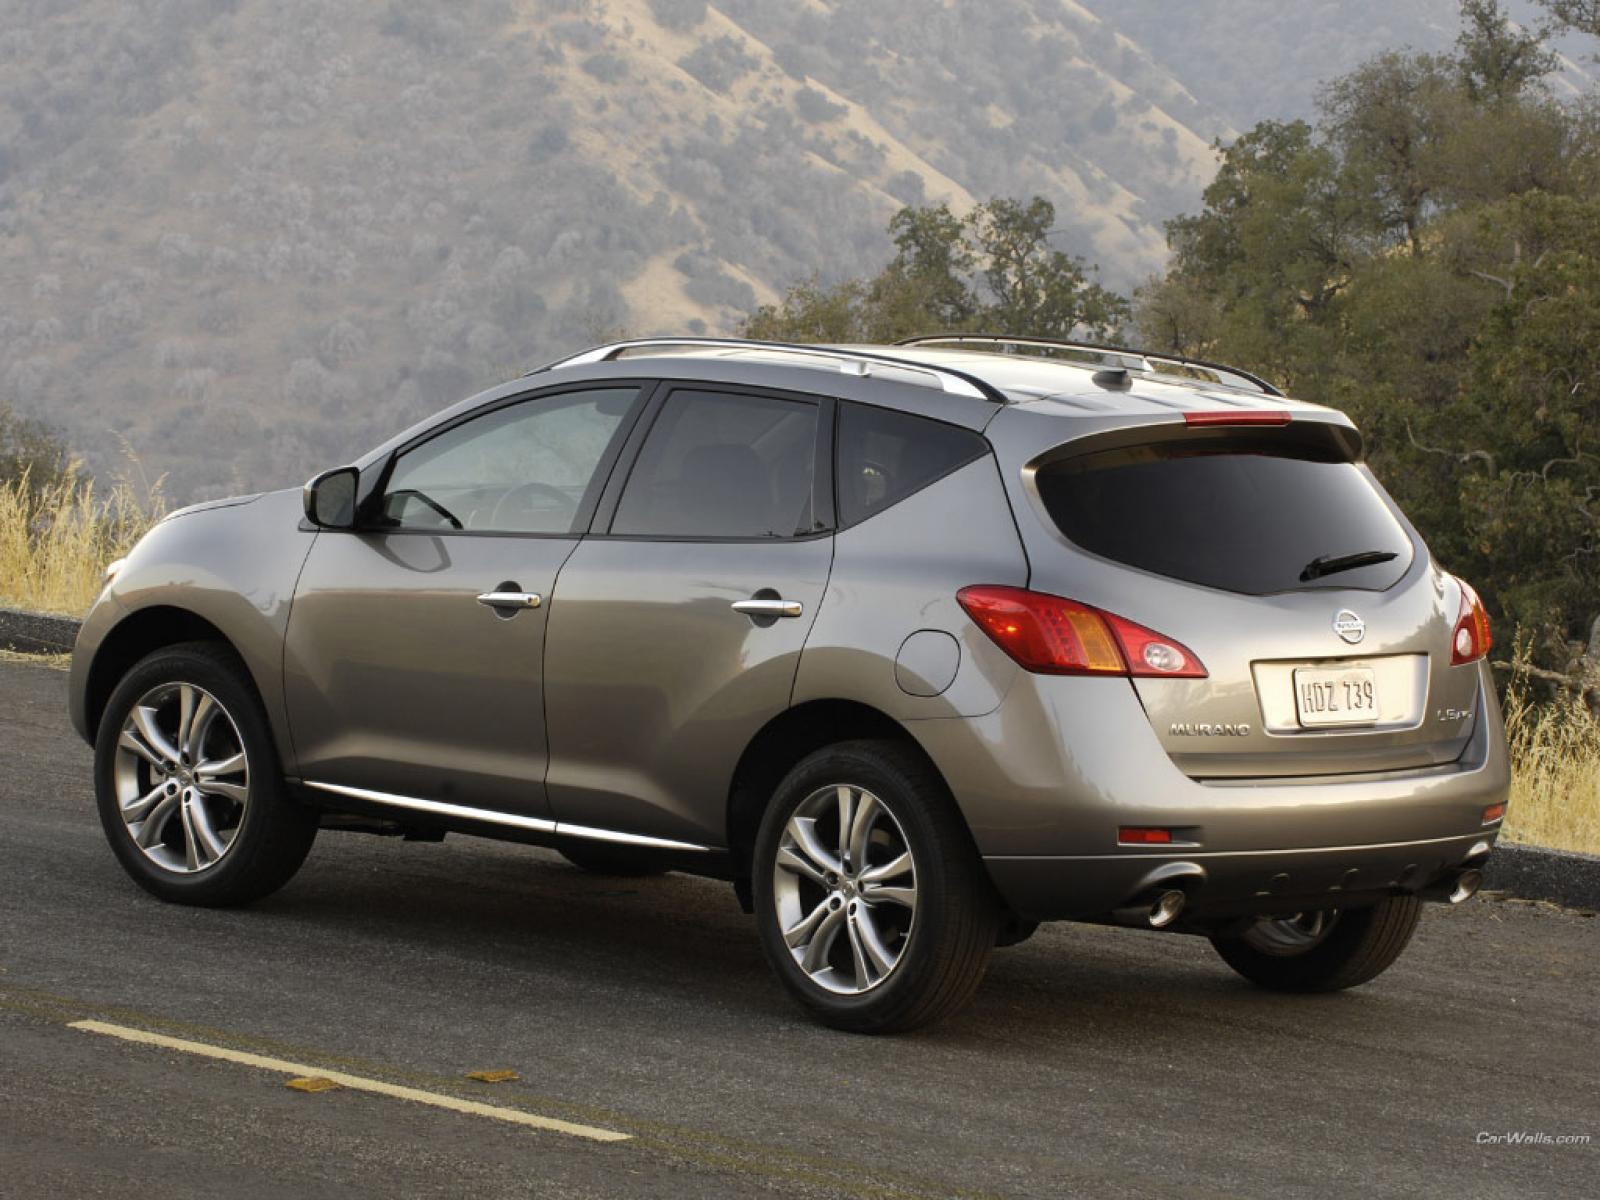 china com autoguide auto news nissan in murano debuts hybrid